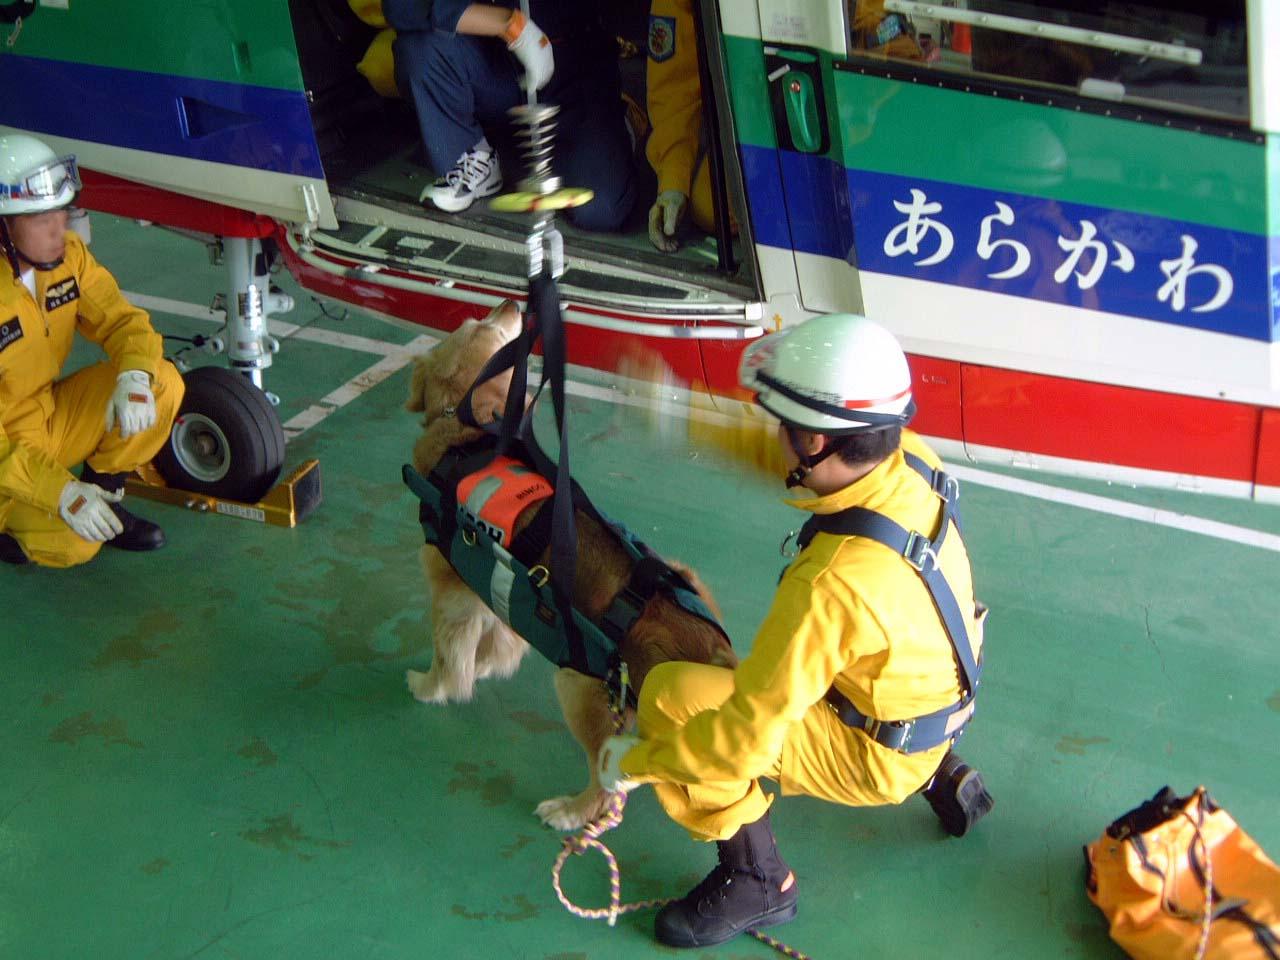 初回駐機訓練⑧ ヘリから吊り下げ